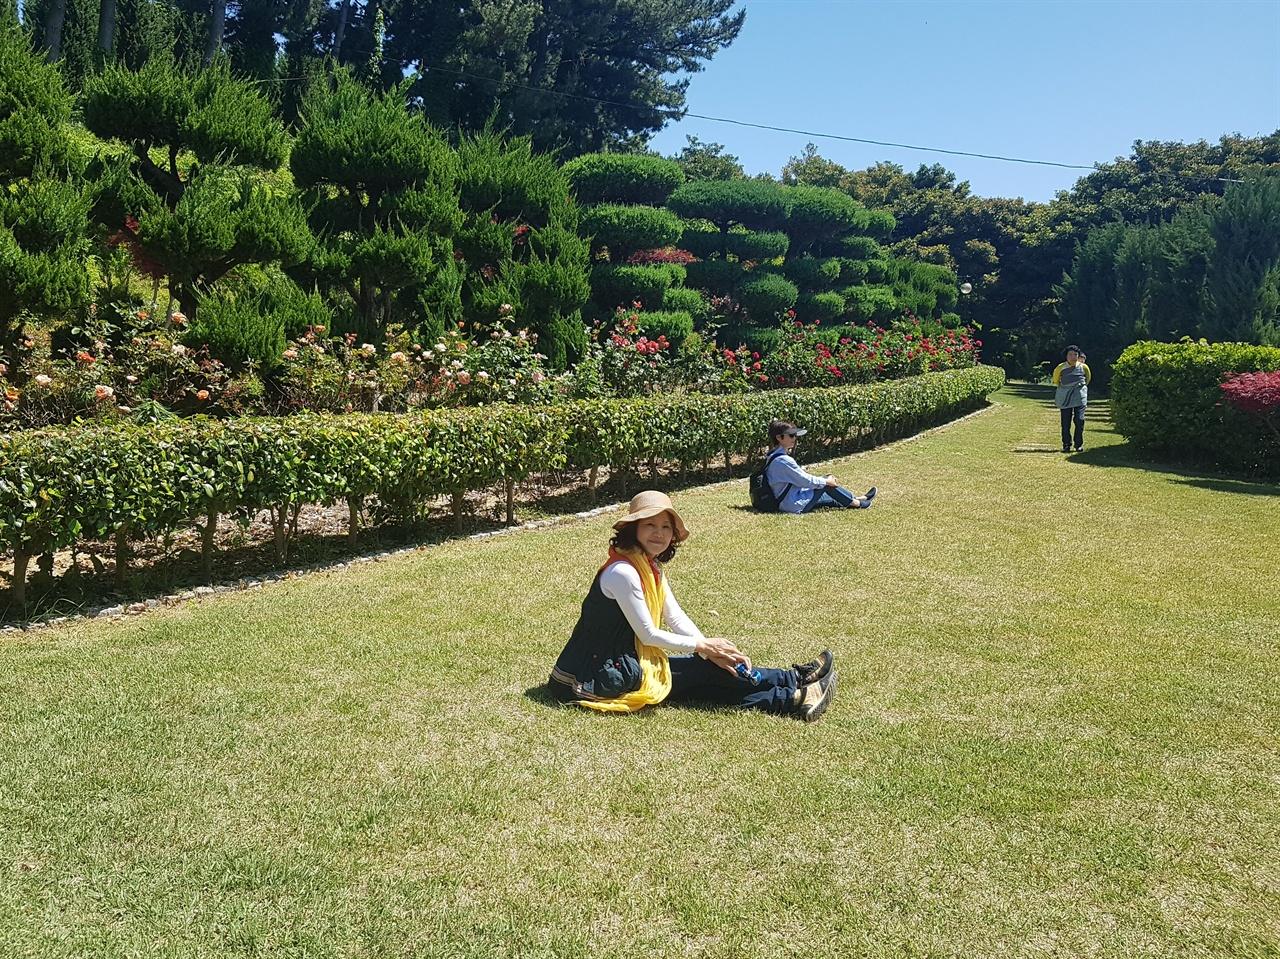 섬에 이런 정원이 있다니! 너무도 아름답게 가꾼 호수산장의 정원.